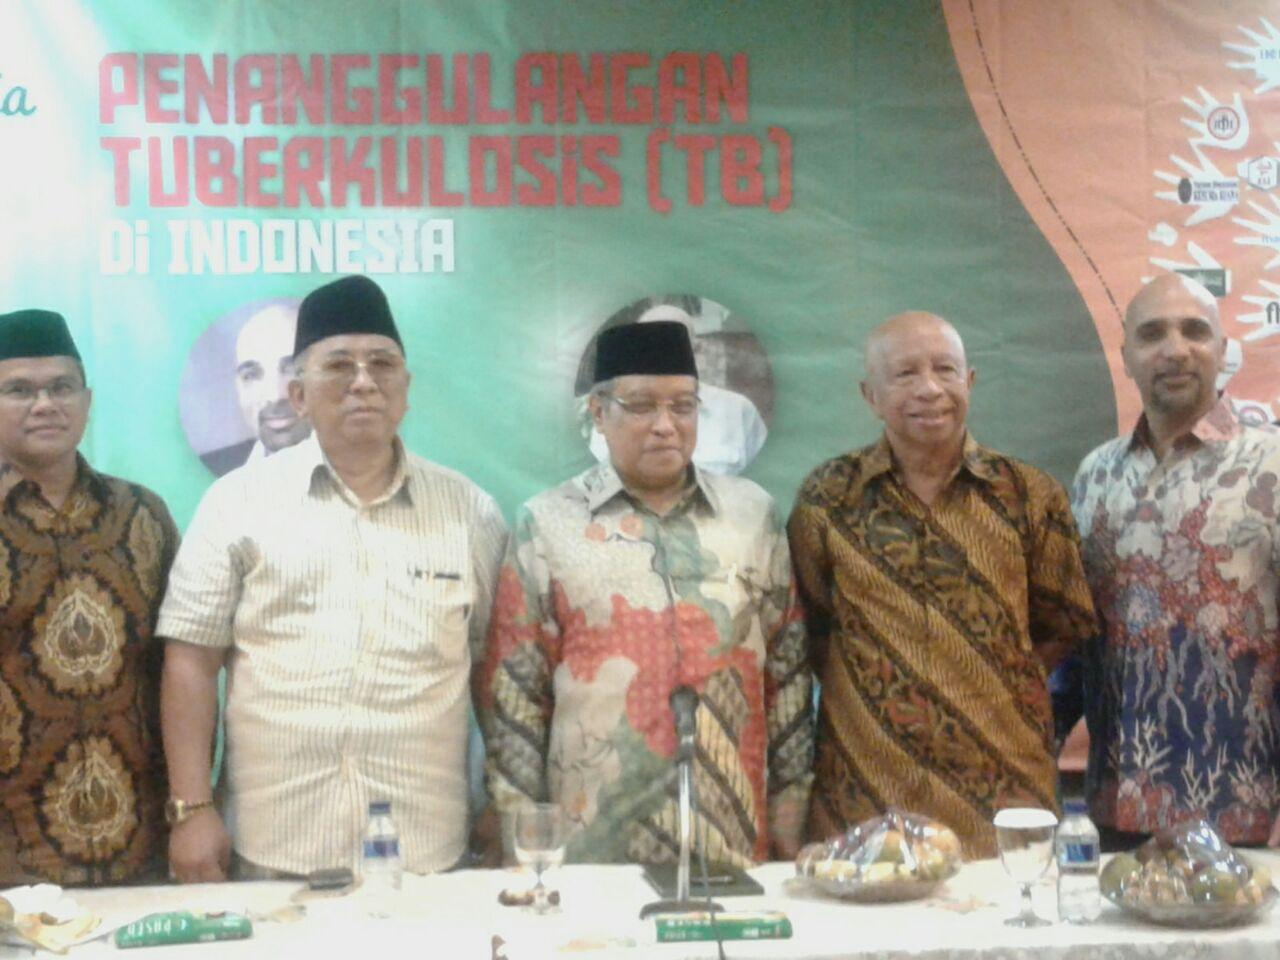 Diskusi Media LKNU Tentang Rekomendasi Penanggulangan Tuberkulosis di Indonesia